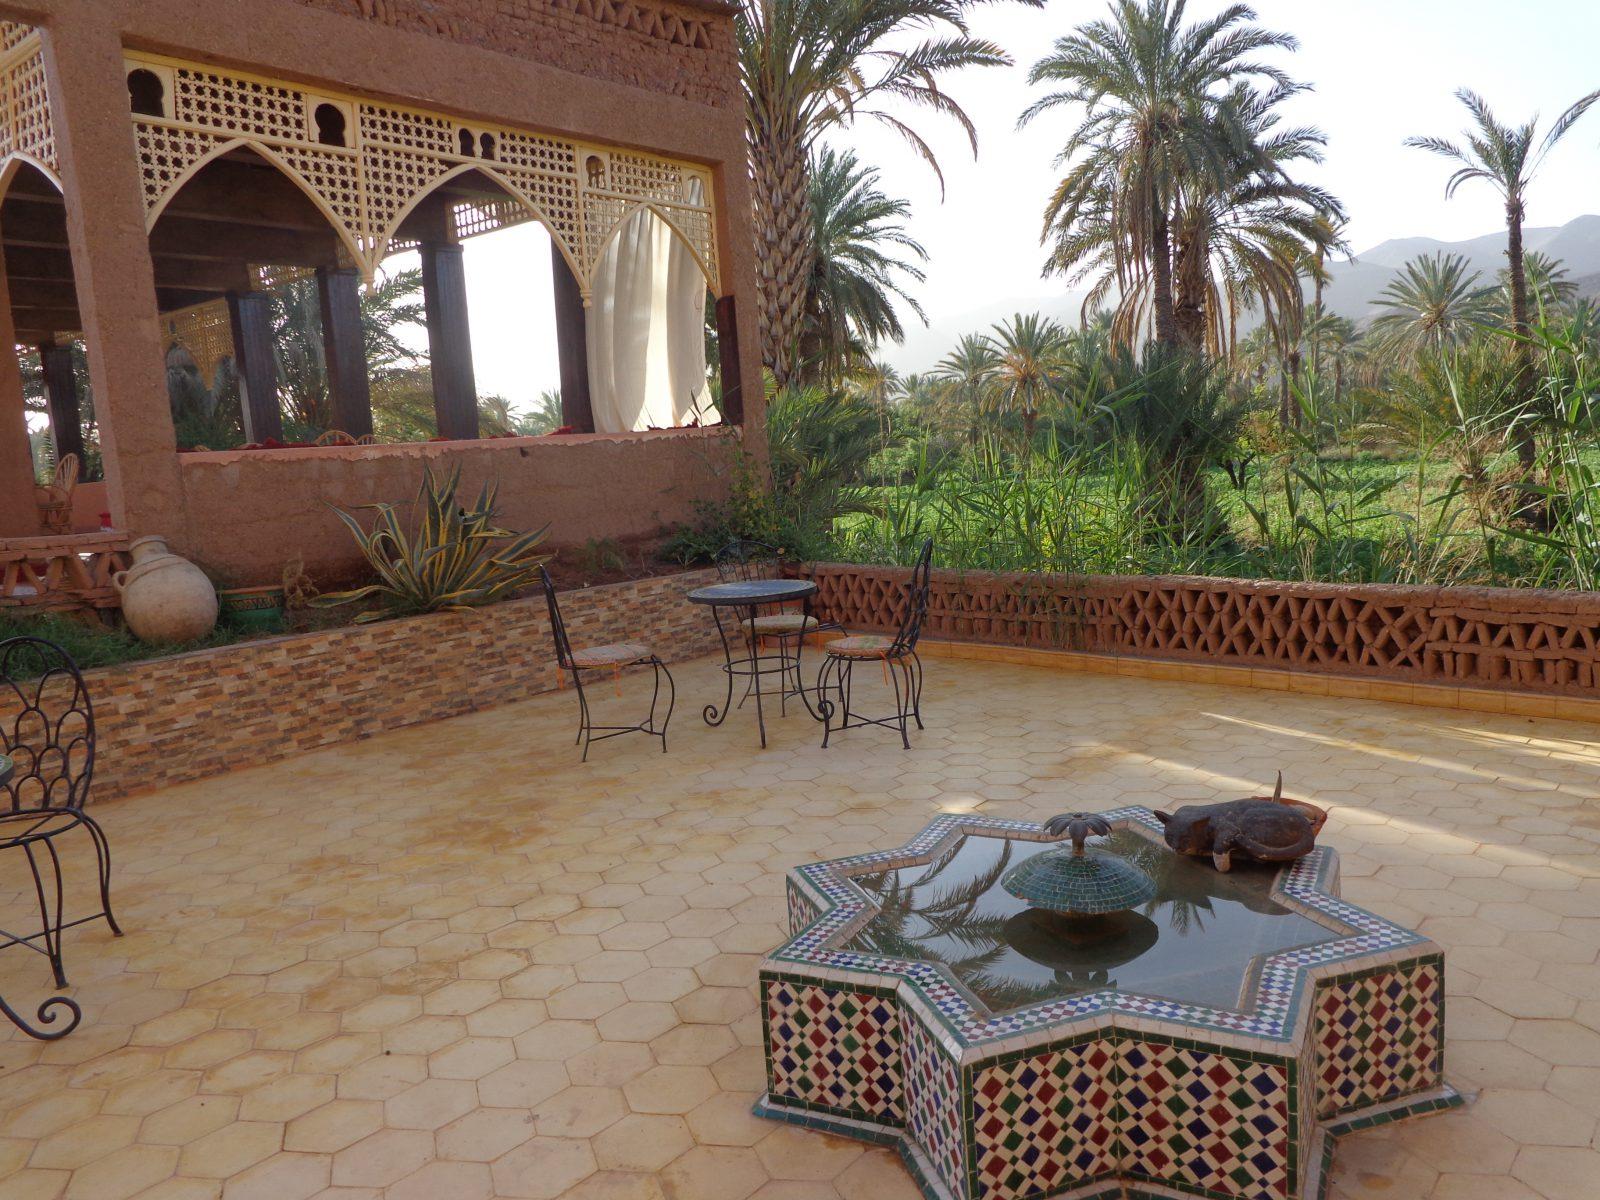 Dag 12 - Woestijn wandelen en yoga + Essaouira & Marrakech